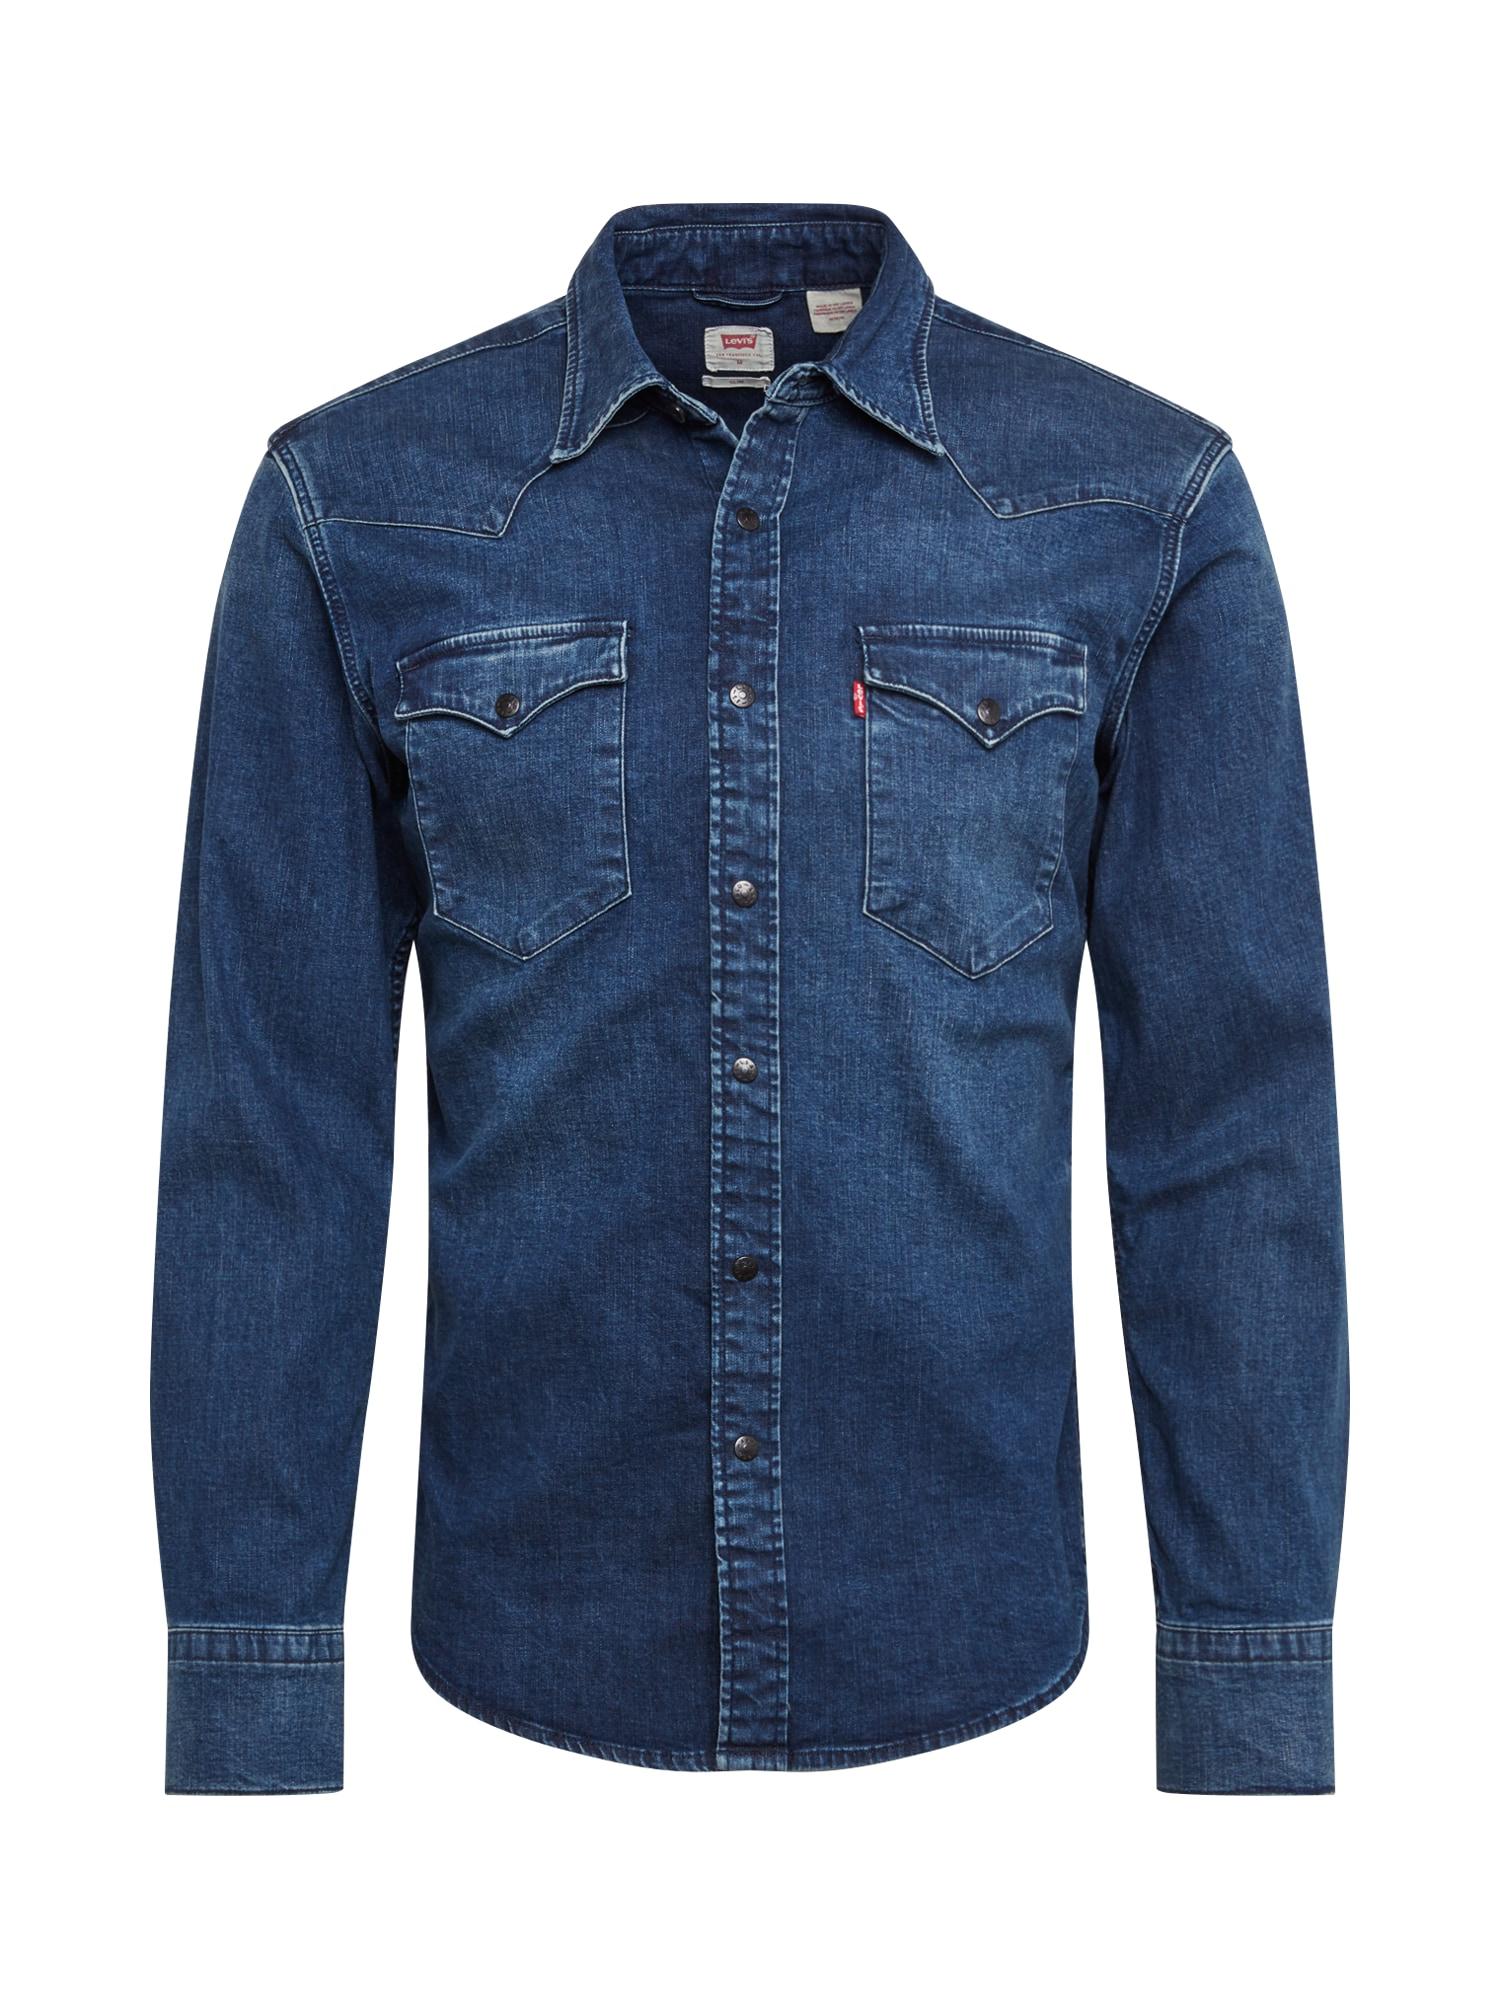 LEVI'S Dalykiniai marškiniai 'BARSTOW WESTERN SLIM' tamsiai (džinso) mėlyna